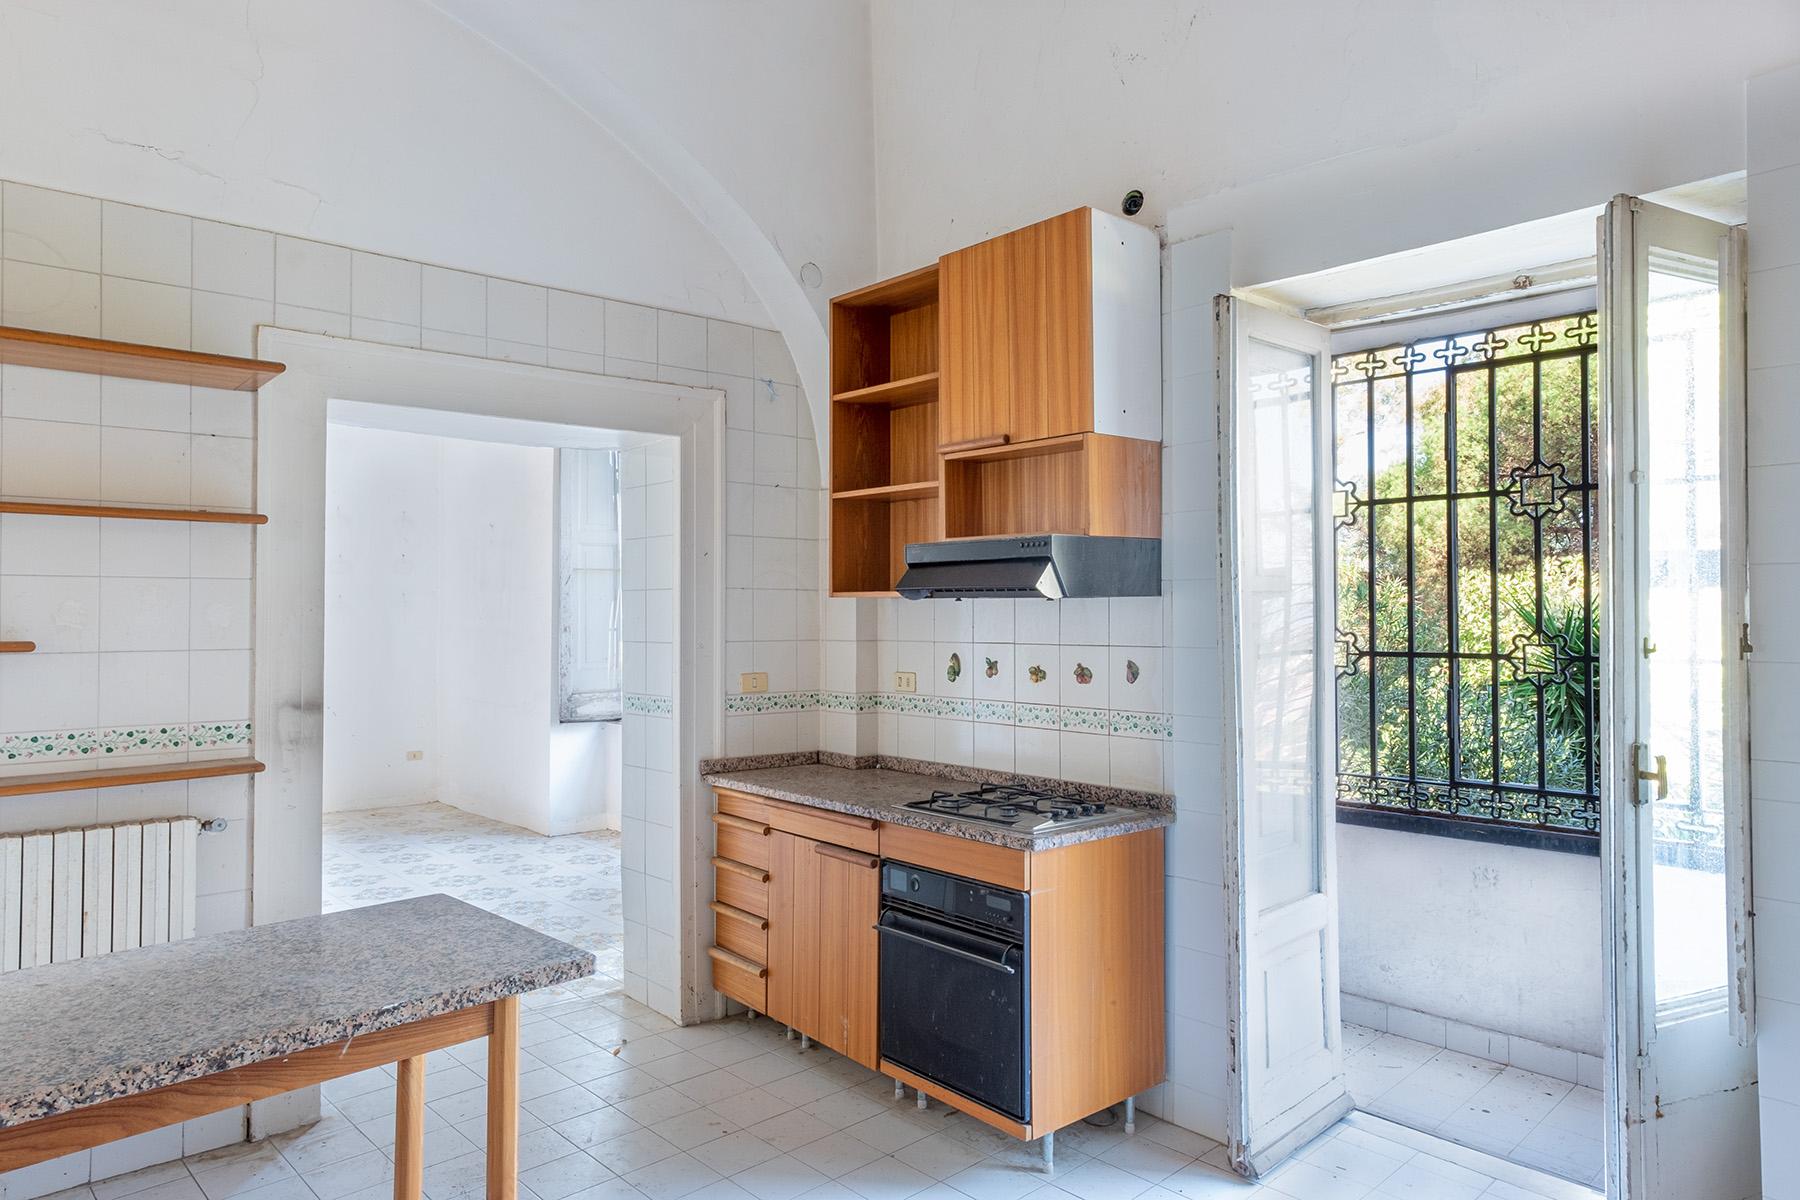 Casa indipendente in Vendita a Napoli: 5 locali, 300 mq - Foto 22